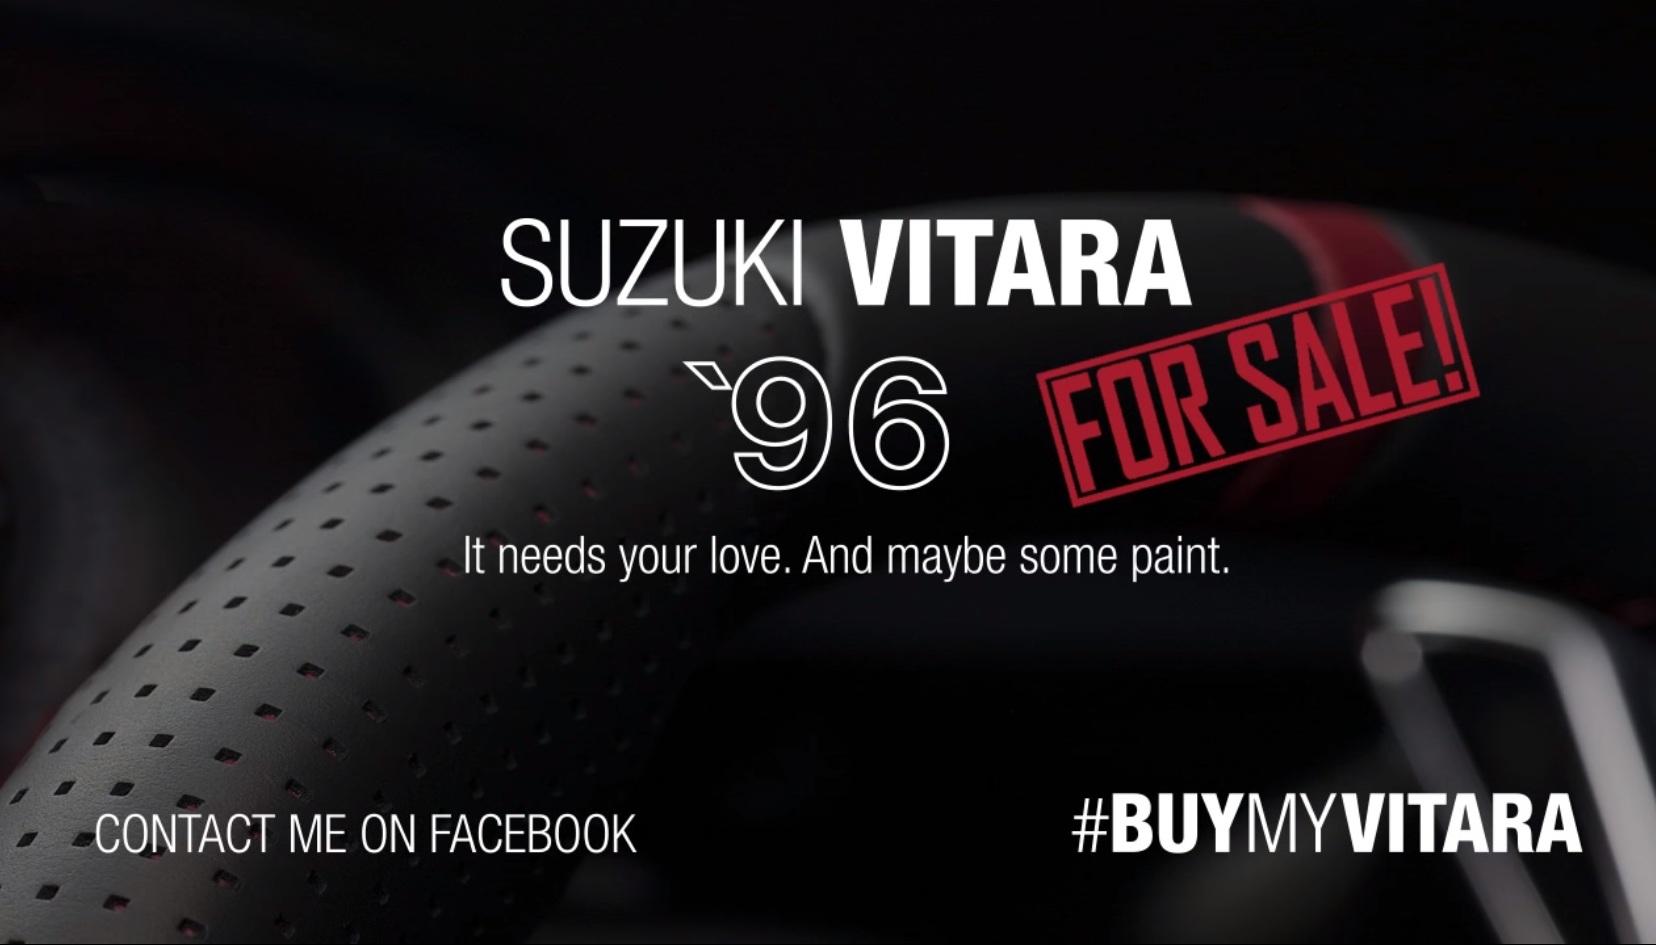 Мощный креатив: Как продать подержанную Suzuki Vitara и получить более миллиона просмотров